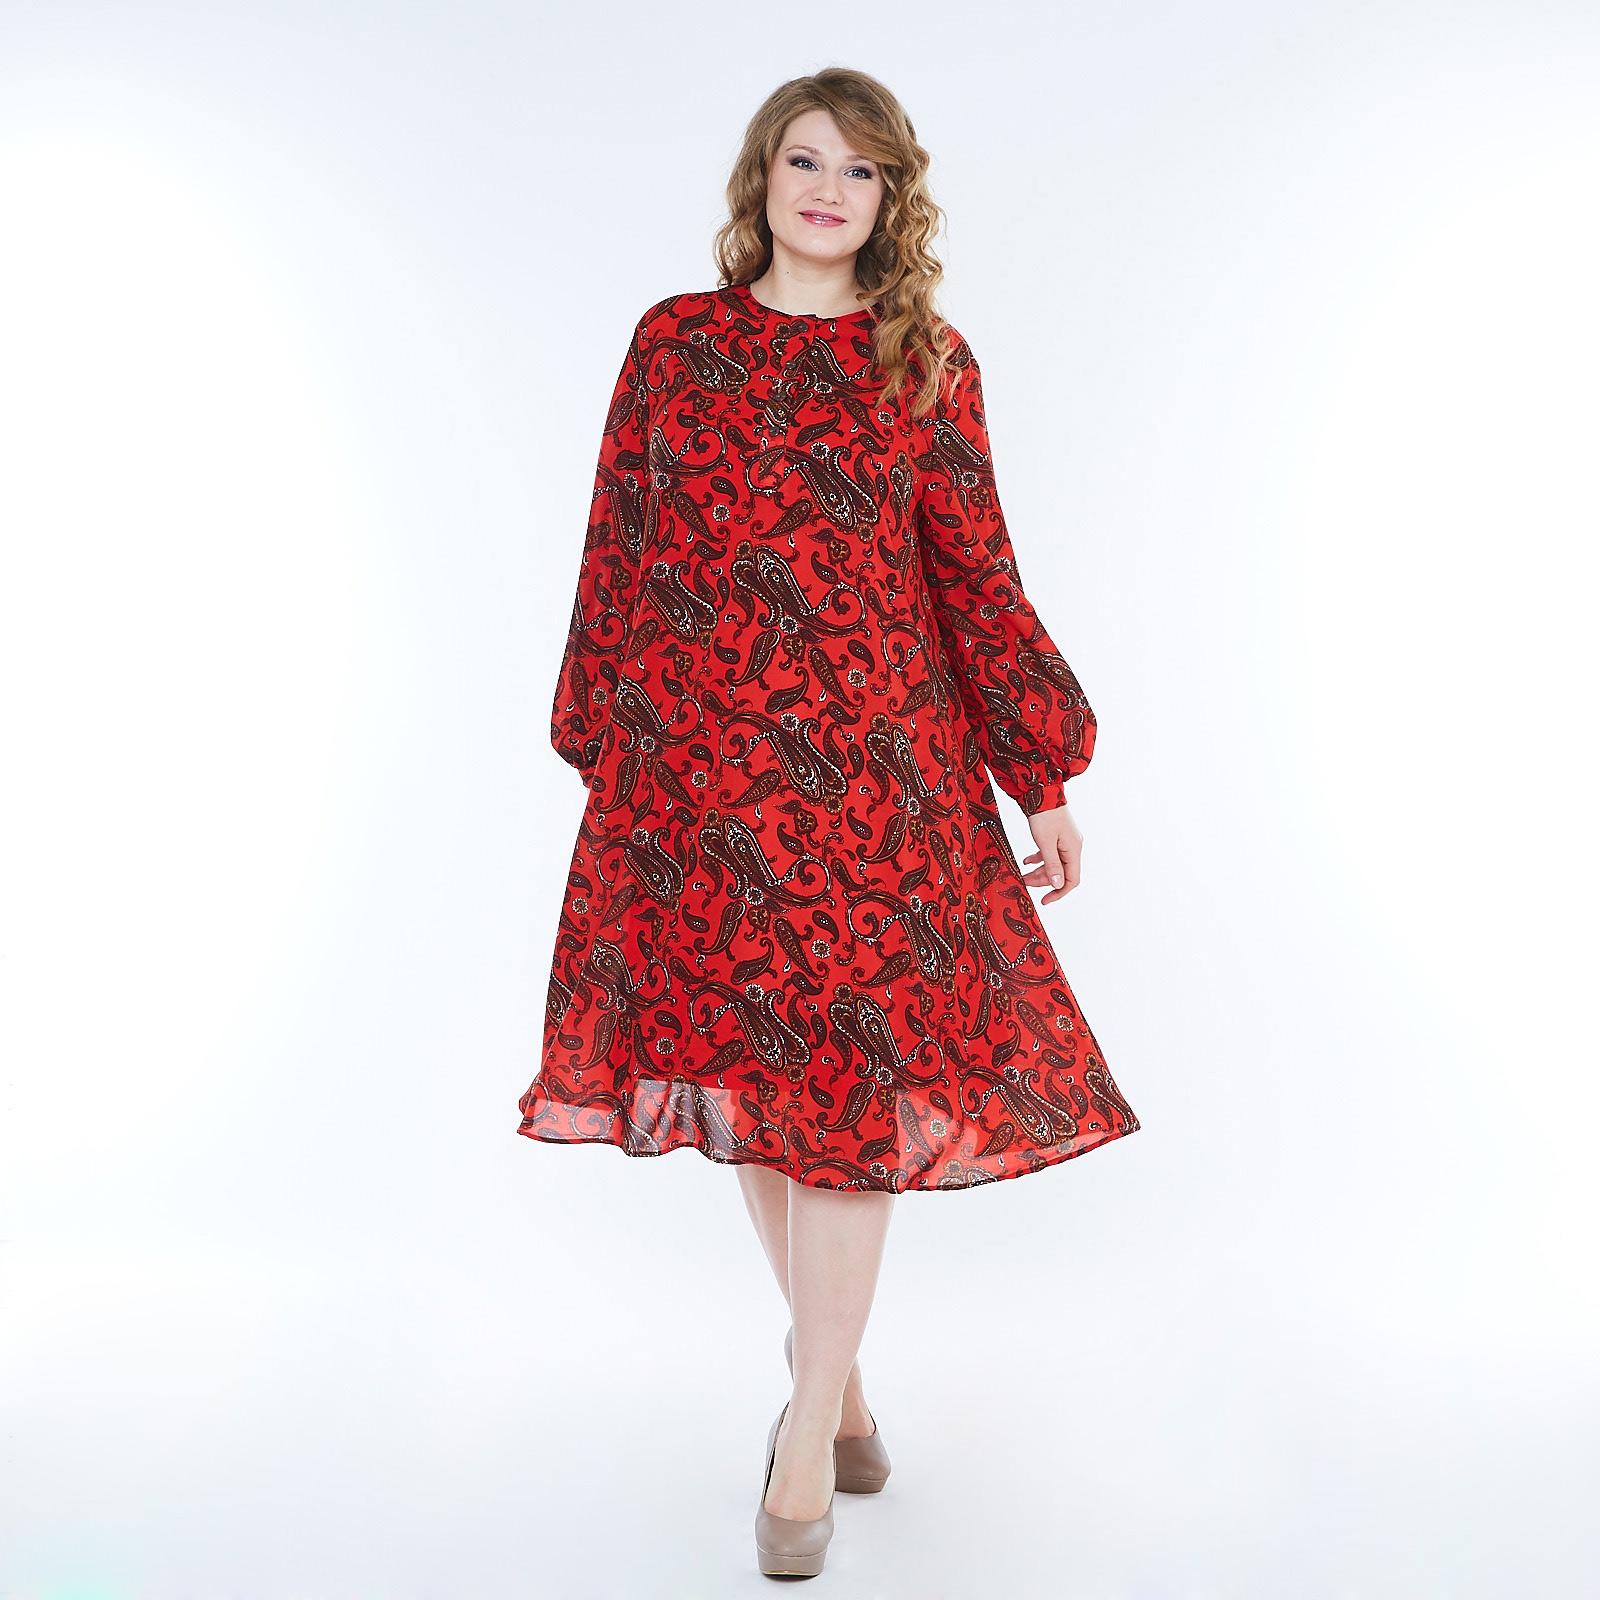 Платье свободного кроя с изящными рукавами виброплатформы для похудения в алматы в интернет магазине